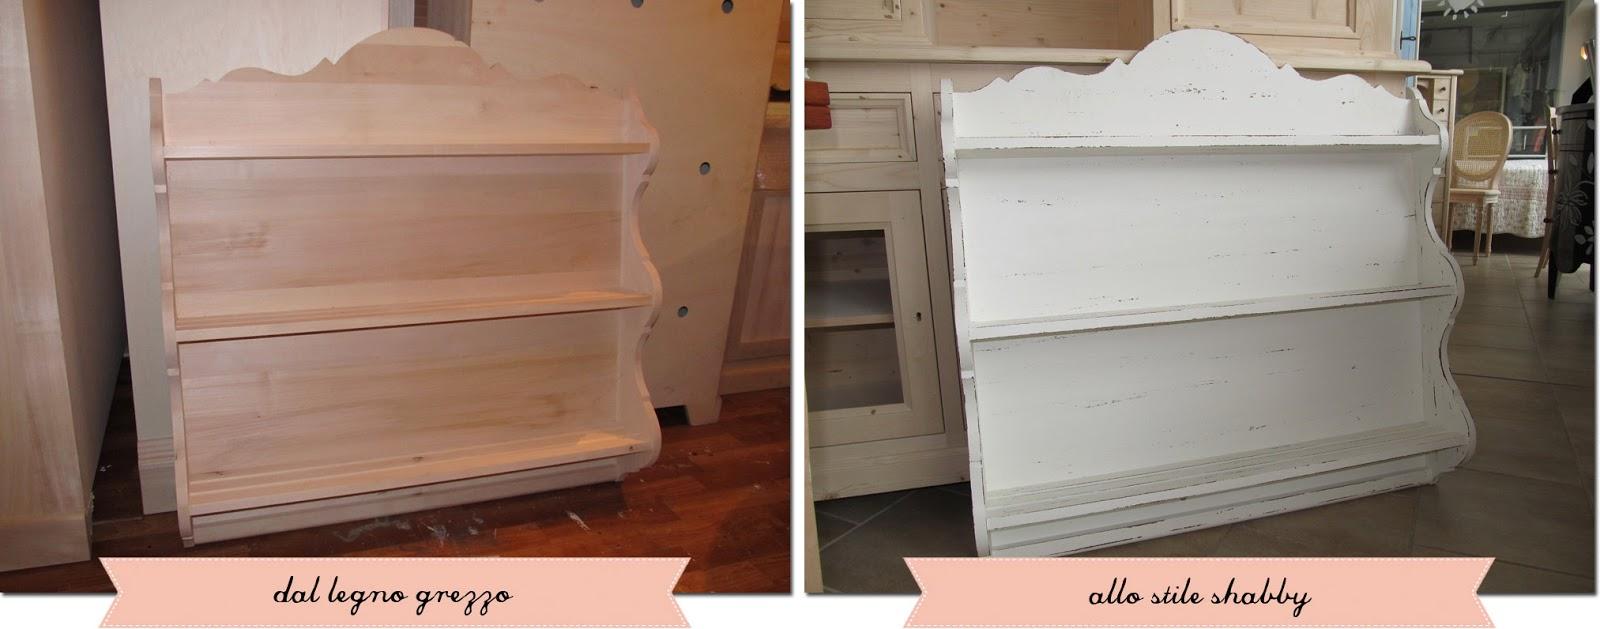 Una piattaia tanti stili shabby chic interiors - Dipingere mobili ikea ...